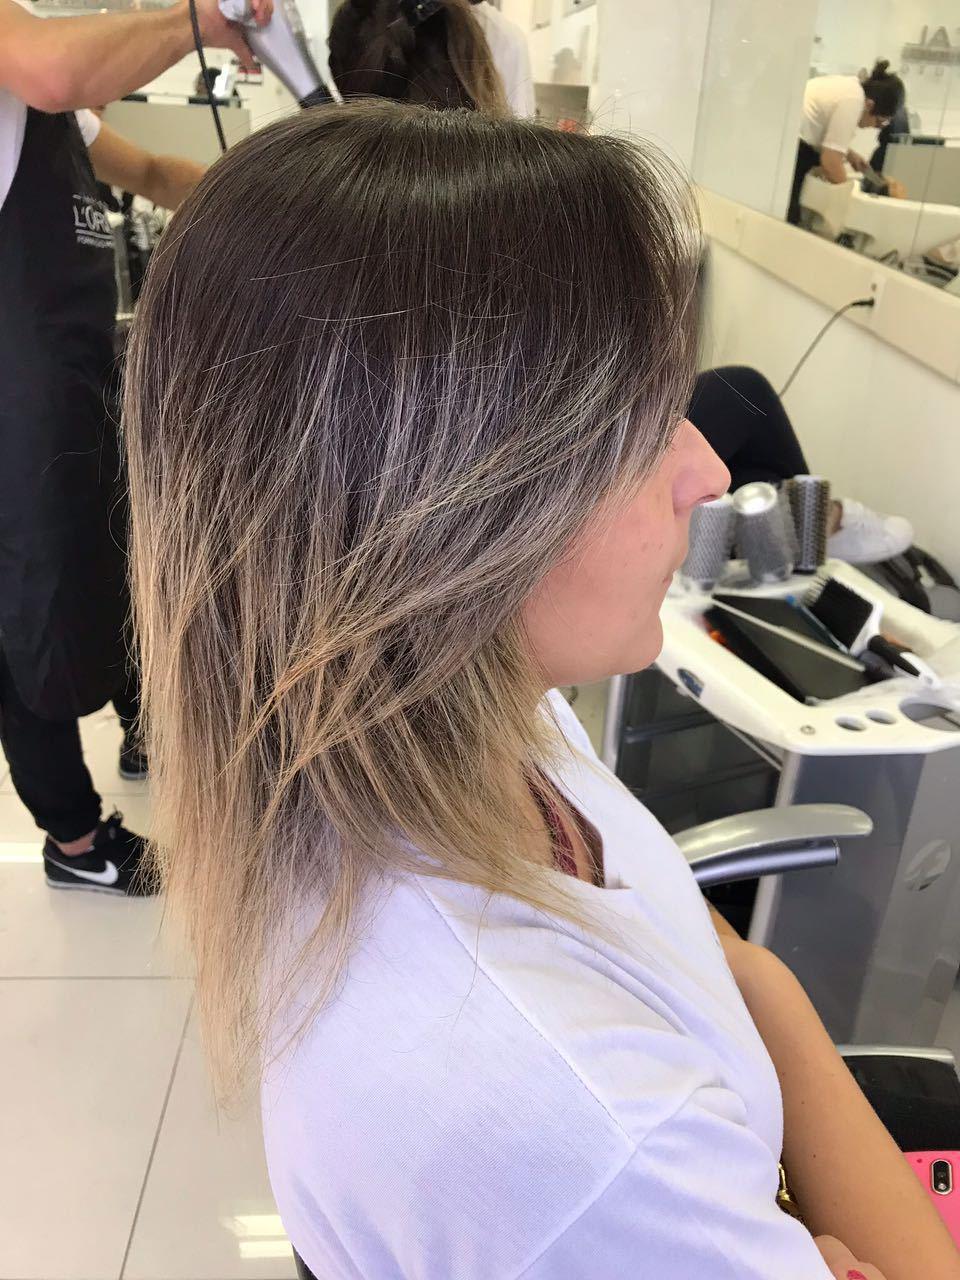 Corte: Blunt Hair + Hidratação Inforcer Serie Expert de @lorealpro . #lorealpro #lorealparis #inforcerloreal #blunthair #porquevocevalemuito cabelo estudante (cabeleireiro) auxiliar cabeleireiro(a) cabeleireiro(a)